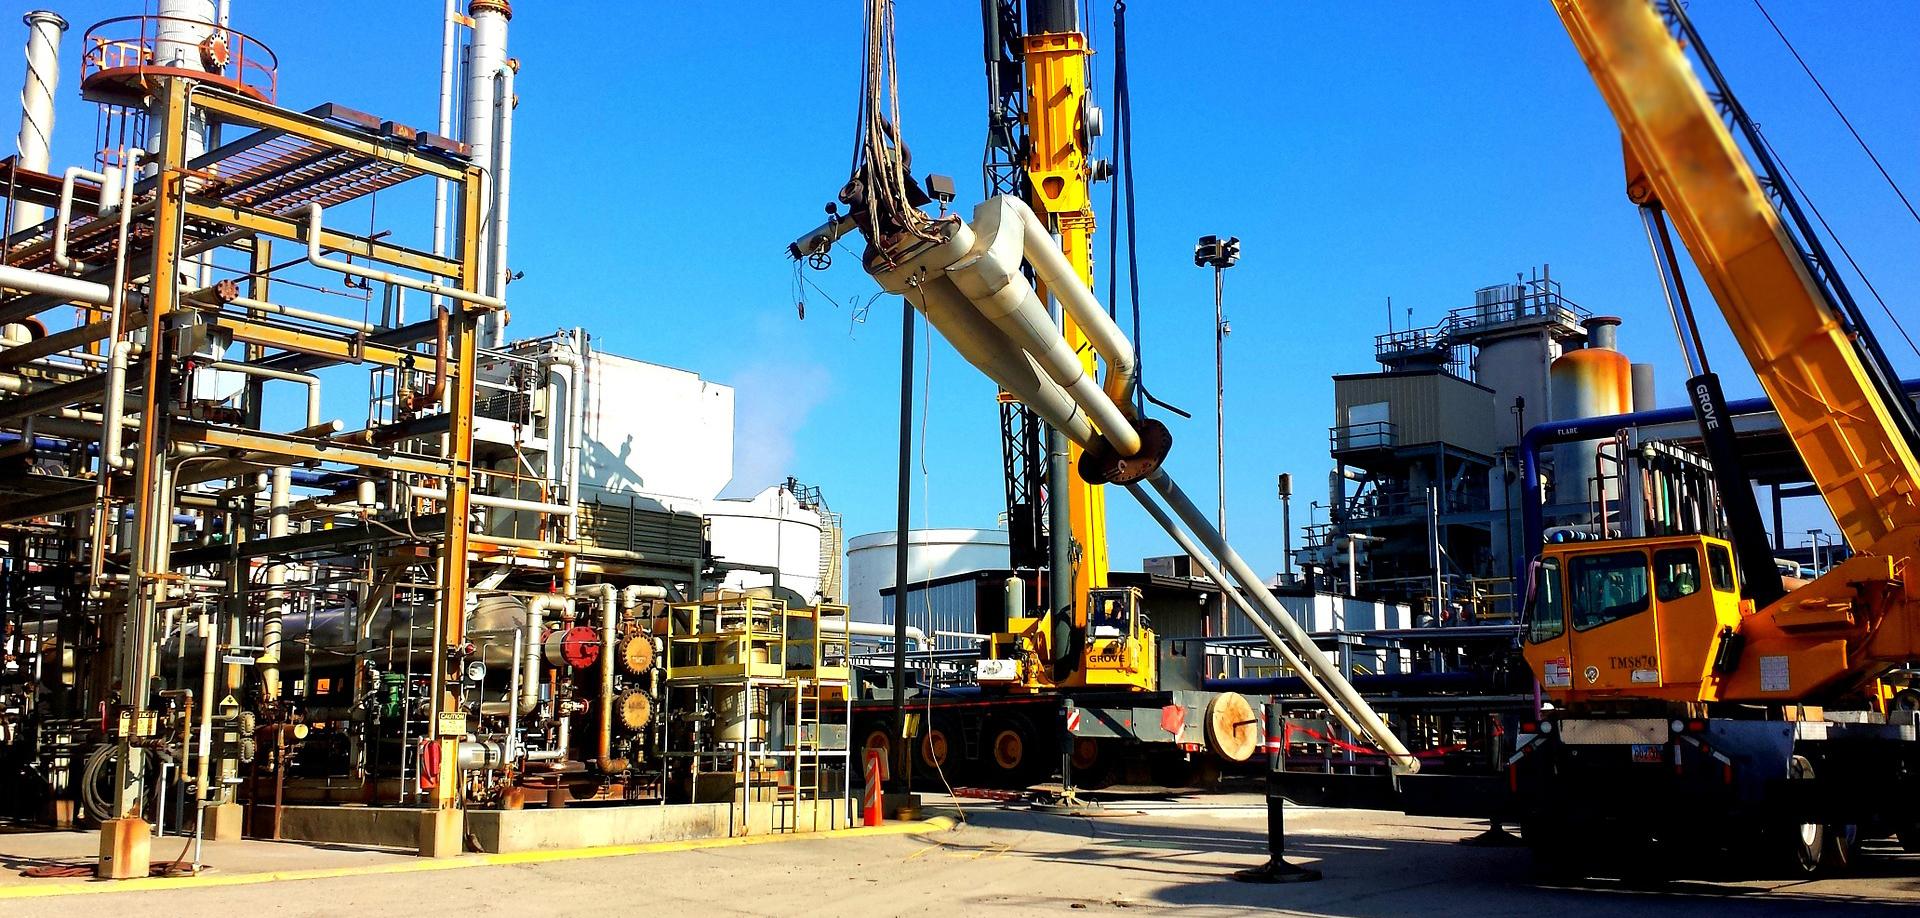 Ottimizzare la progettazione dei componenti di un impianto di estrazione oil & gas con la simulazione